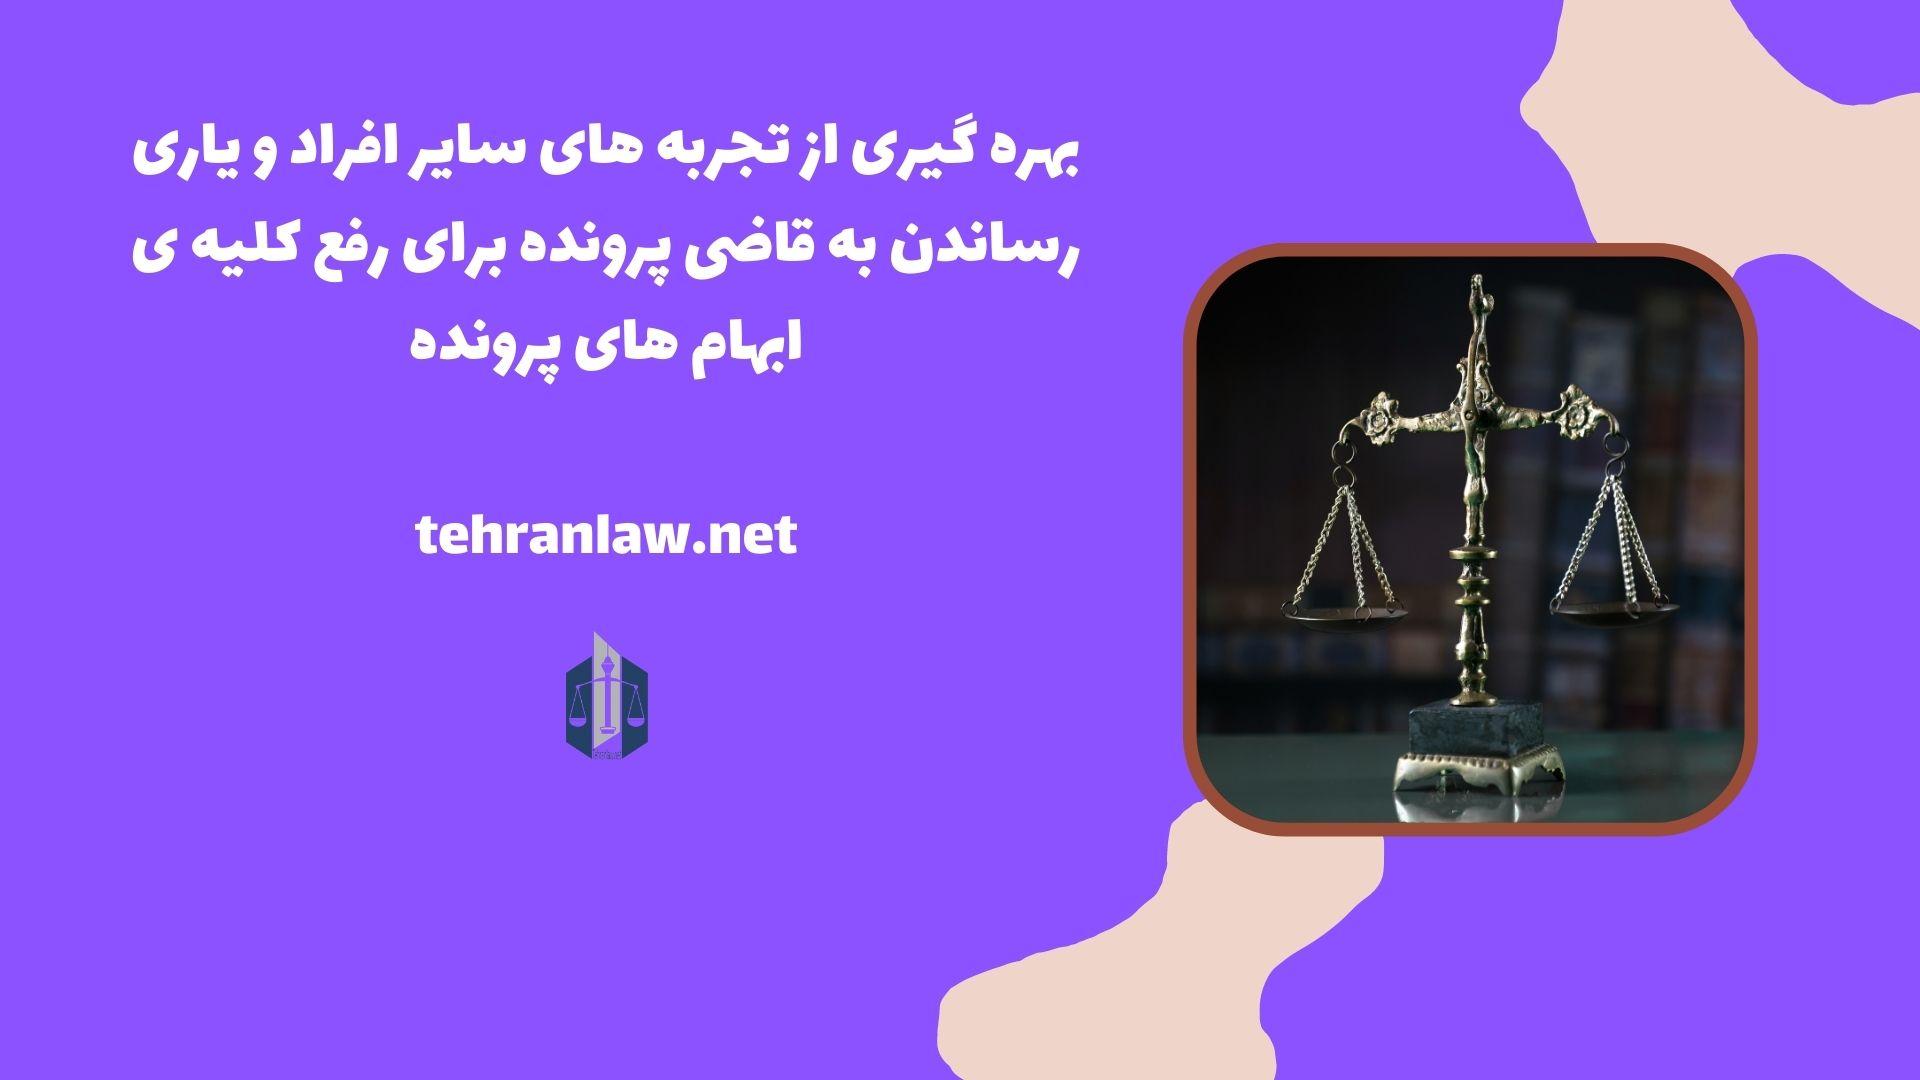 بهره گیری از تجربه های سایر افراد و یاری رساندن به قاضی پرونده برای رفع کلیه ی ابهام های پرونده